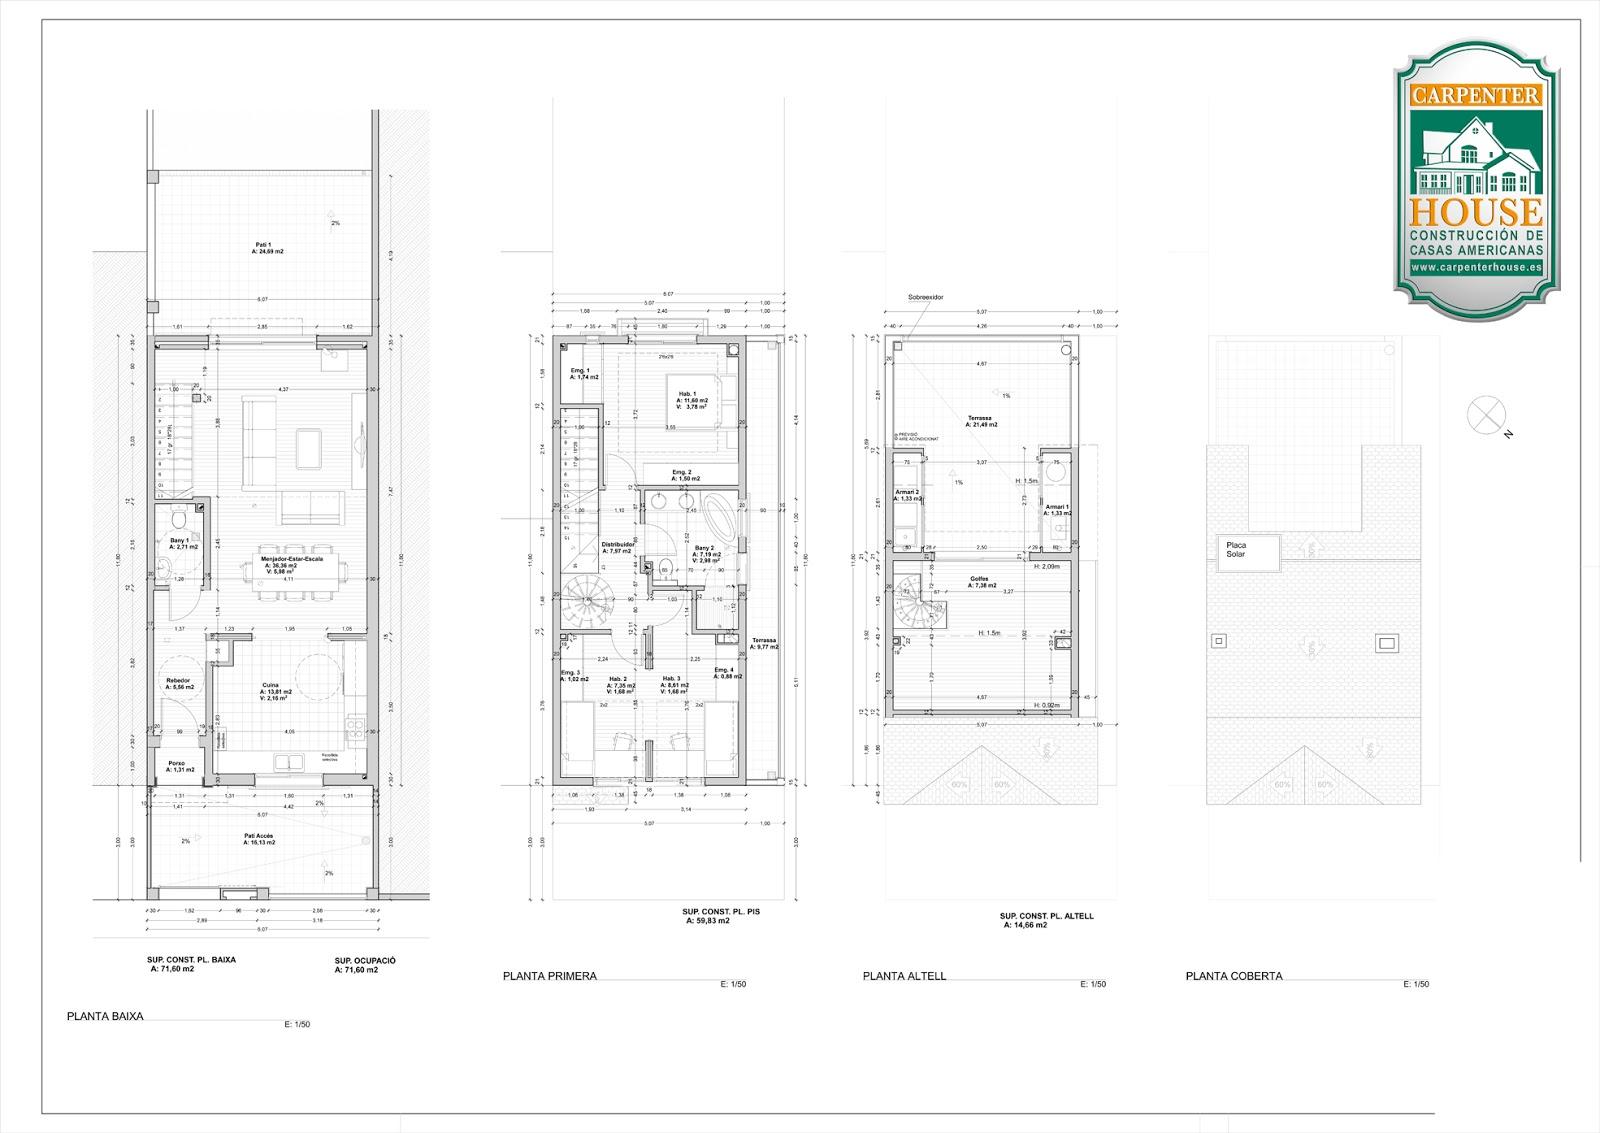 Carpenter House Diagrams